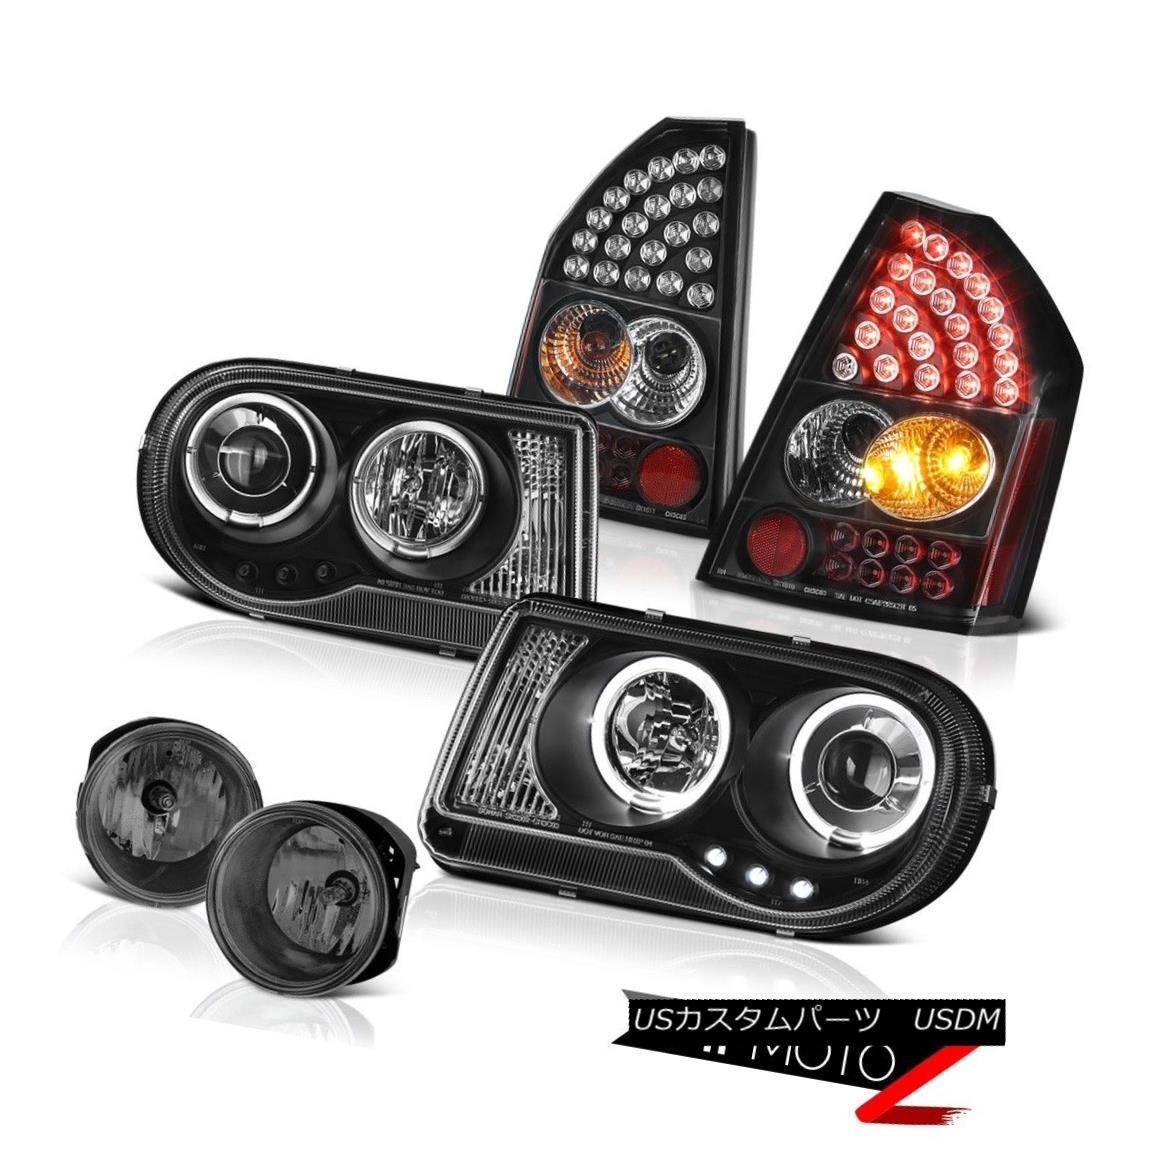 テールライト 2008 2009 2010 Chrysler 300C LED Daytime Headlights SMD Tail Lights Tinted Fog 2008年2009年2010年クライスラー300C LED昼間ヘッドライトSMDテールライトチョップドフォグ